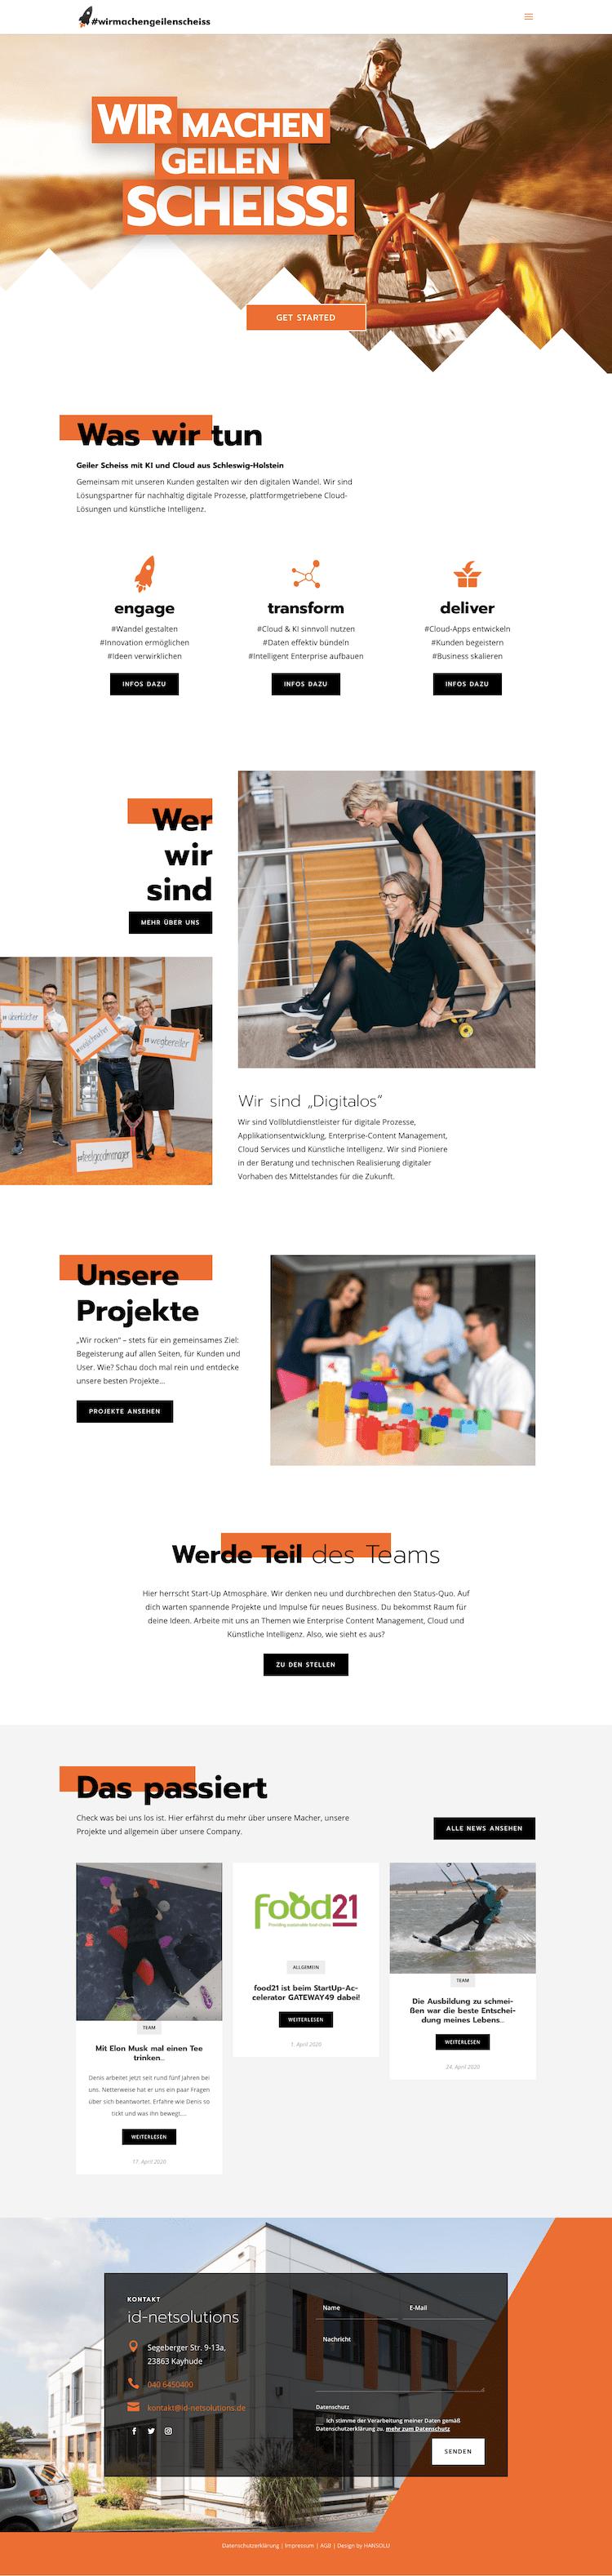 Webdesign für Fachkräfte-Marketing